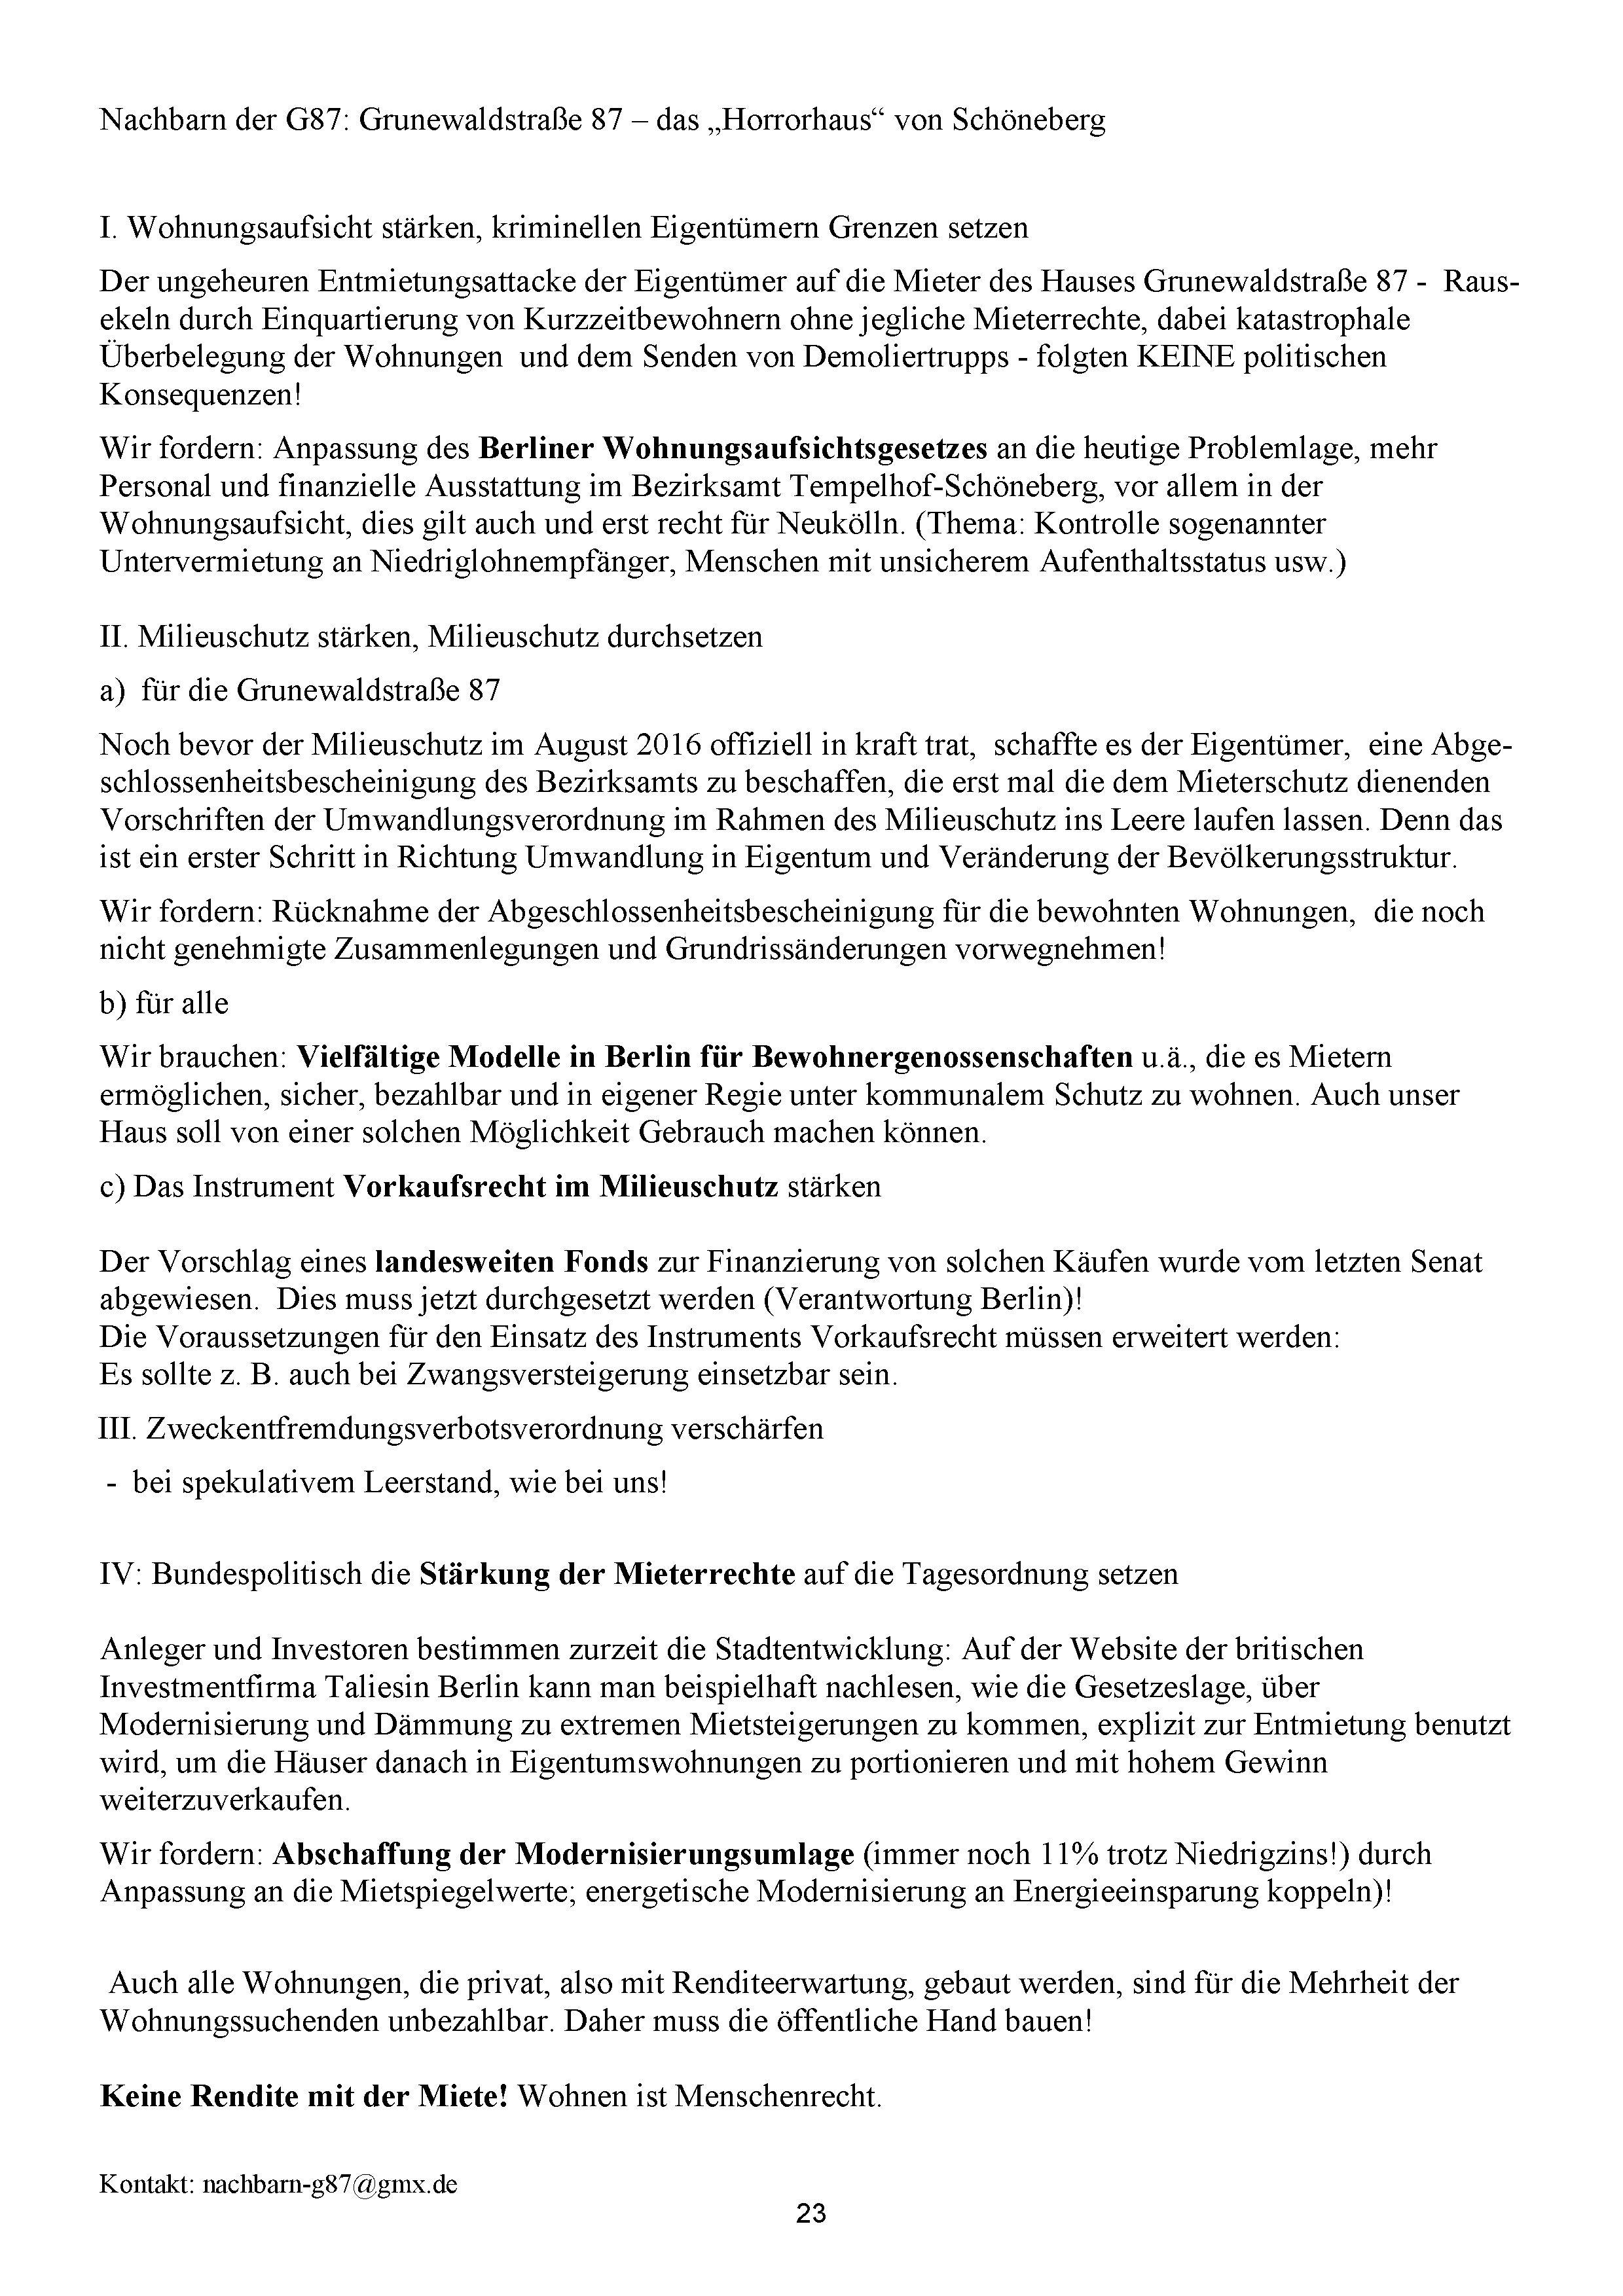 stadtpolitisches_hearing_021116_pressemappe1_seite_21_04